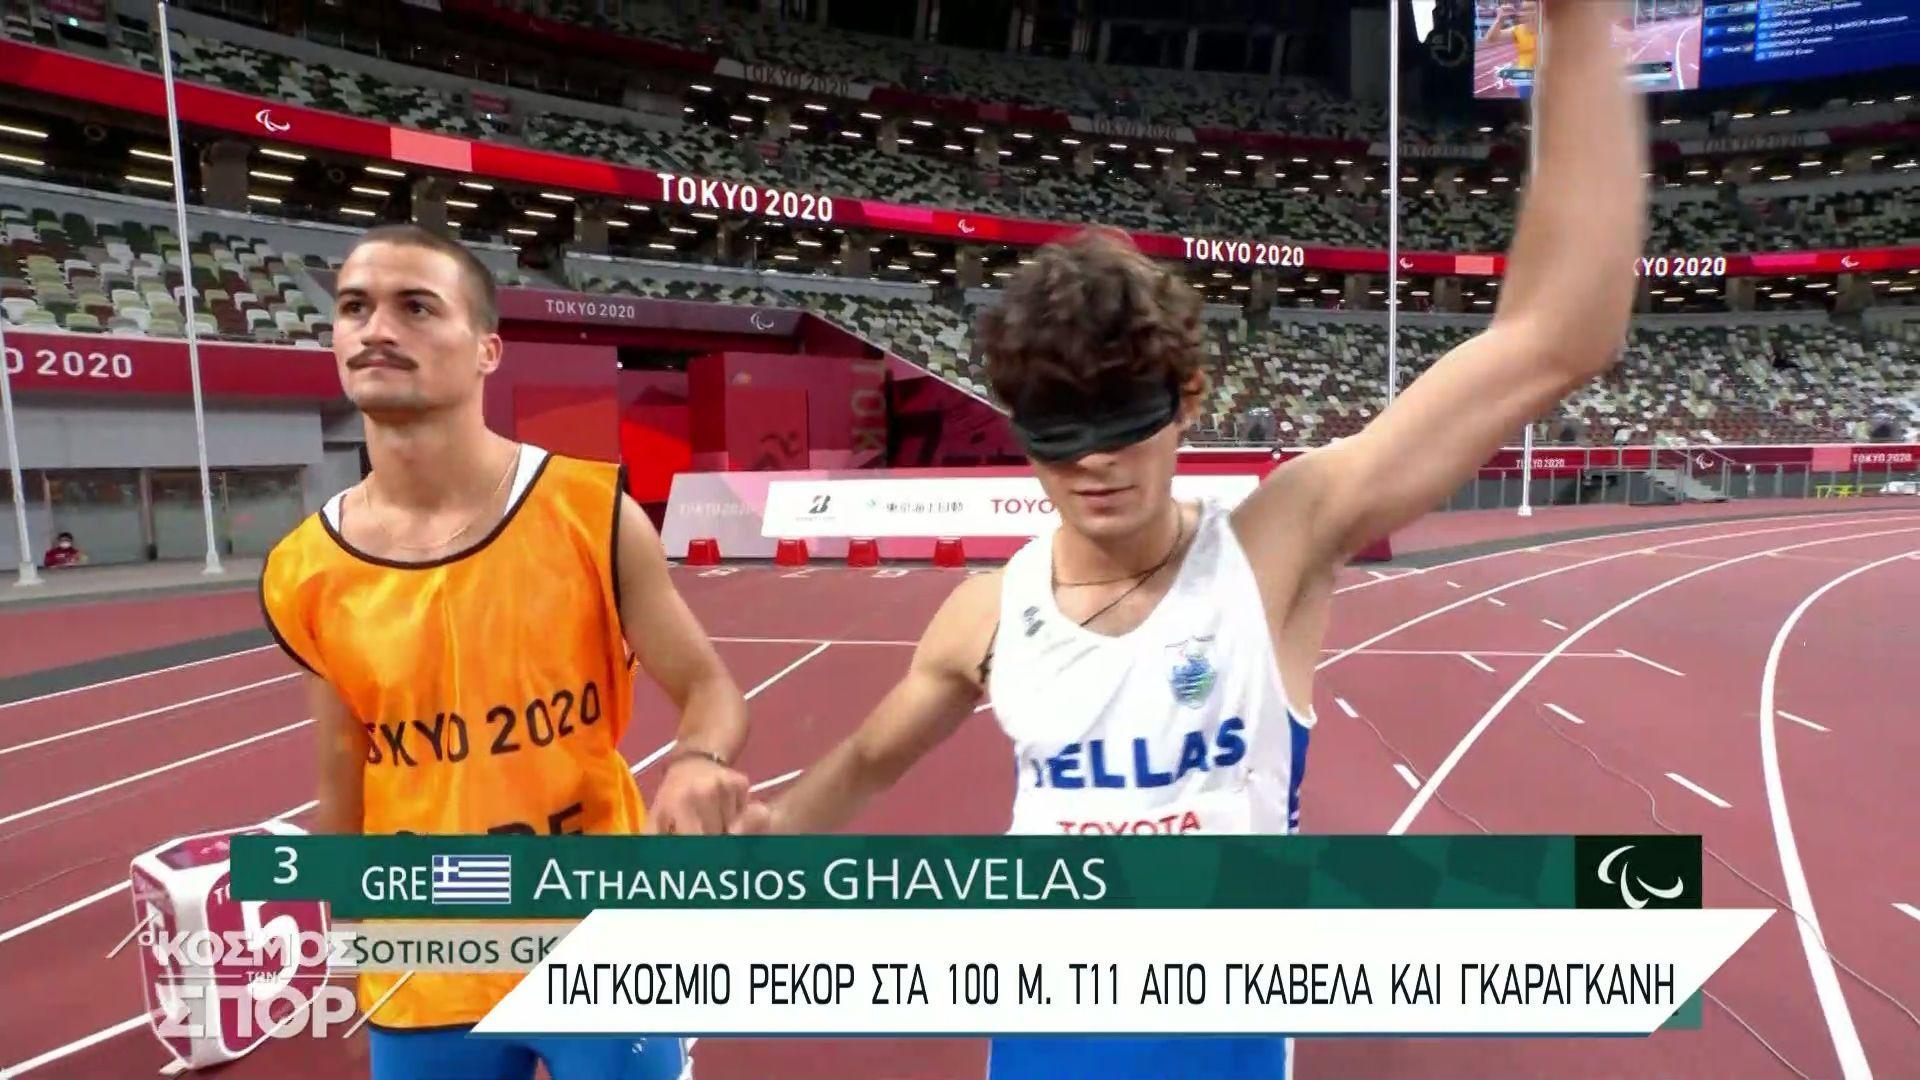 Παραολυμπιακοί Αγώνες: «Χρυσός» ο Γκαβέλας στα 100μ. Τ11 με απίθανο παγκόσμιο ρεκόρ